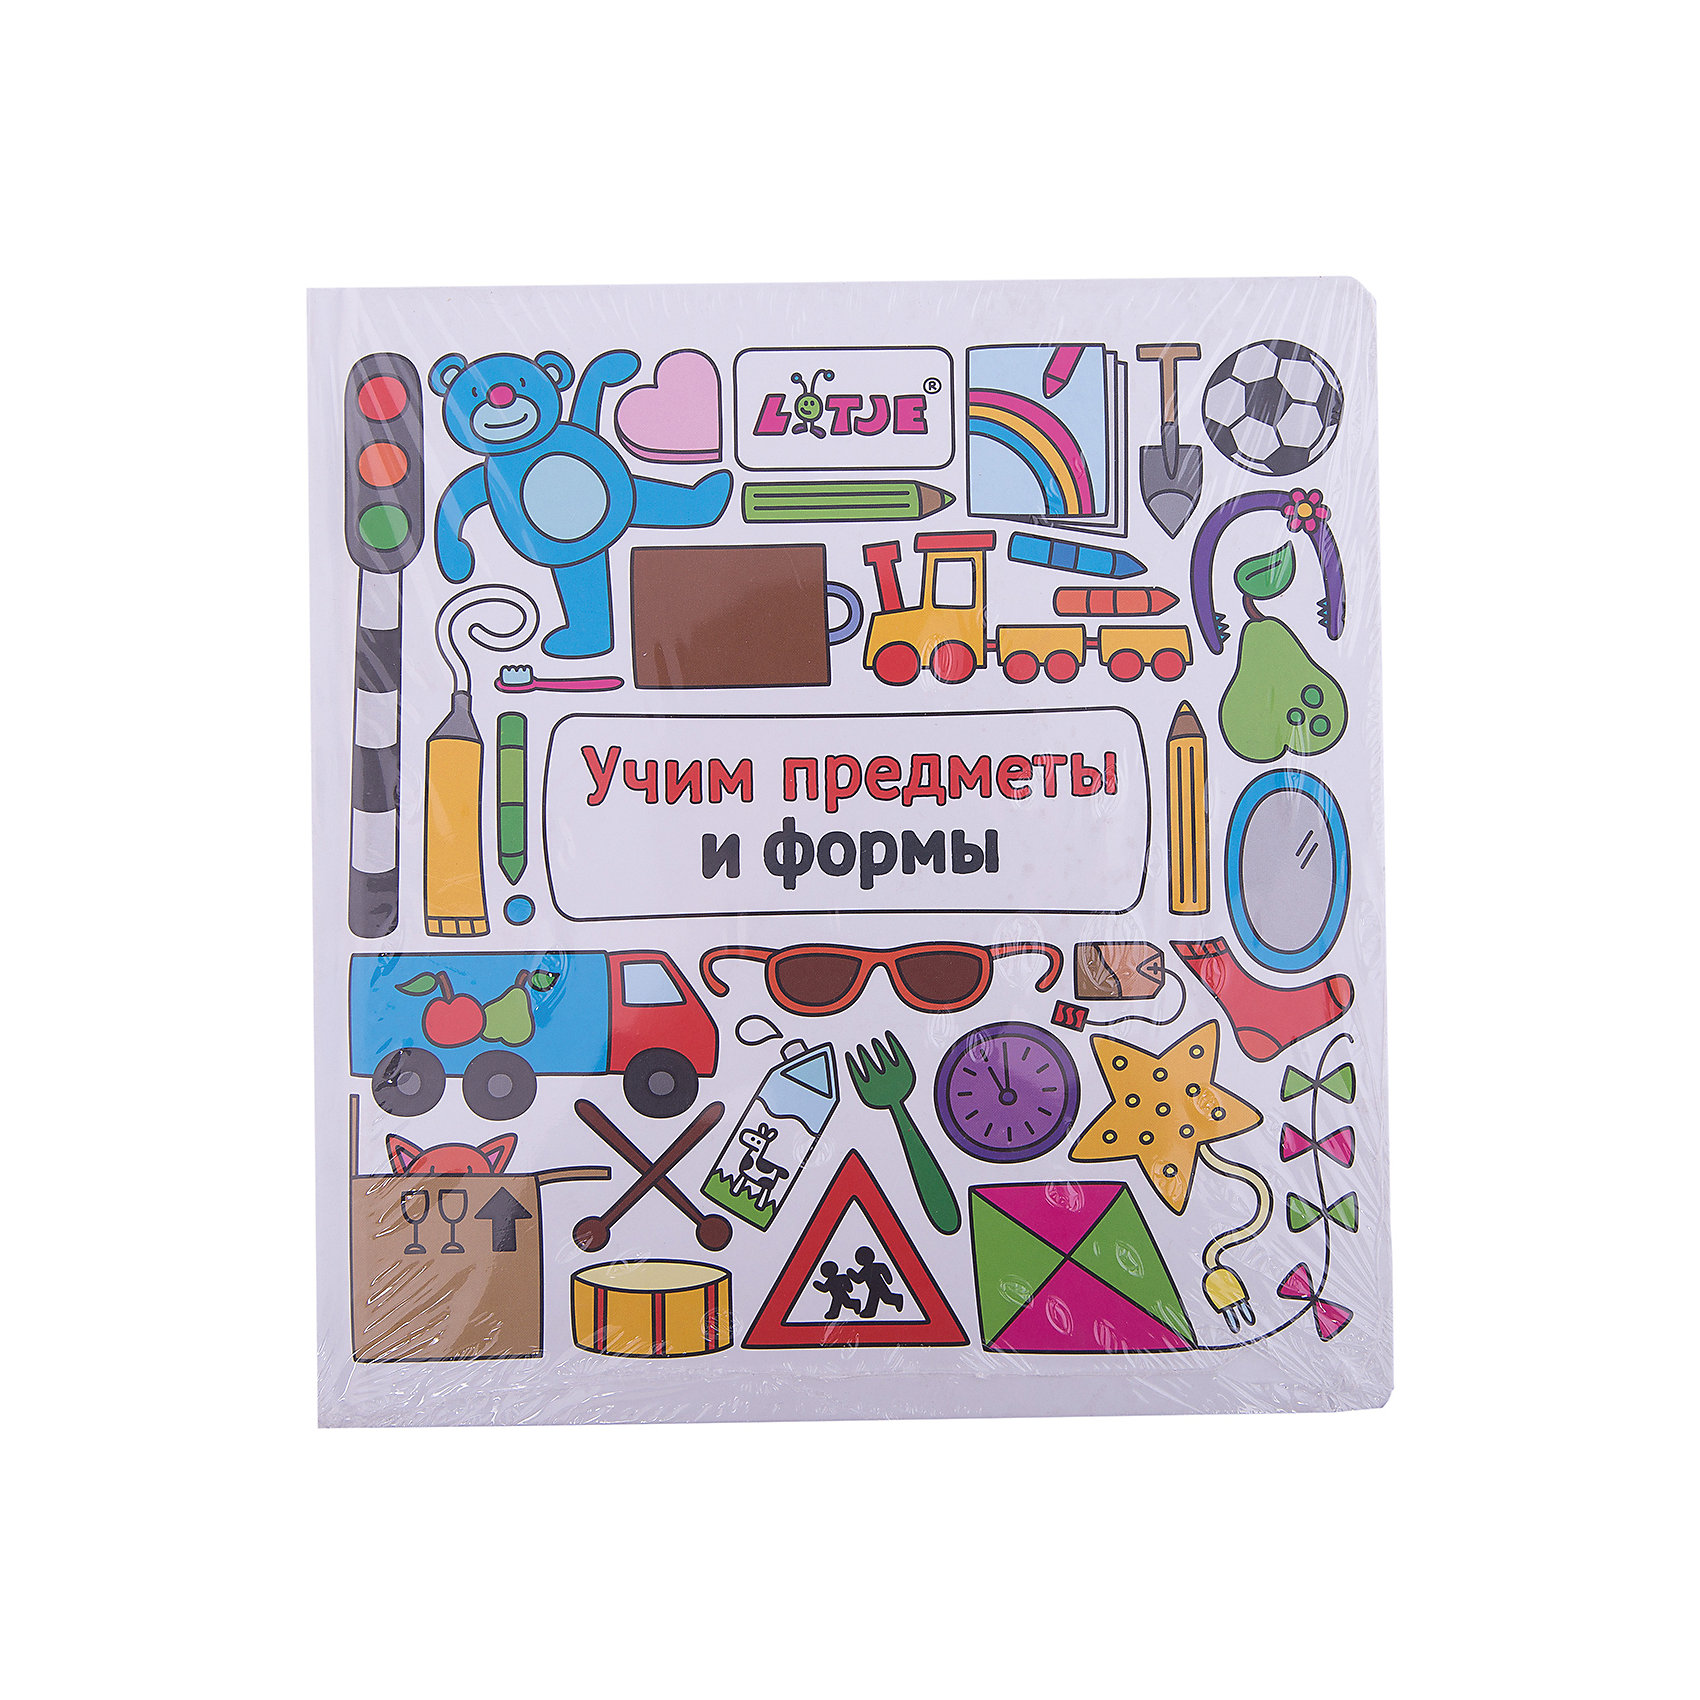 Учим предметы и формыИзучаем цвета и формы<br>Характеристики товара: <br><br>• ISBN: 9785000572184<br>• возраст от: 3 лет<br>• формат: 60x90/8<br>• бумага: офсетная<br>• обложка: твердая<br>• иллюстрации: цветные<br>• автор: Анастасян Сатеник<br>• количество страниц: 26<br>• размеры: 21x30 см<br><br>Книга «Учим предметы и формы» поможет малышам узнавать о мире много интересного и учиться размышлять.<br><br>Благодаря ярким картинкам и веселым заданиям знания усваиваются быстро и легко.<br><br>Книгу «Учим предметы и формы» можно купить в нашем интернет-магазине.<br><br>Ширина мм: 227<br>Глубина мм: 215<br>Высота мм: 110<br>Вес г: 358<br>Возраст от месяцев: 36<br>Возраст до месяцев: 168<br>Пол: Унисекс<br>Возраст: Детский<br>SKU: 5535122